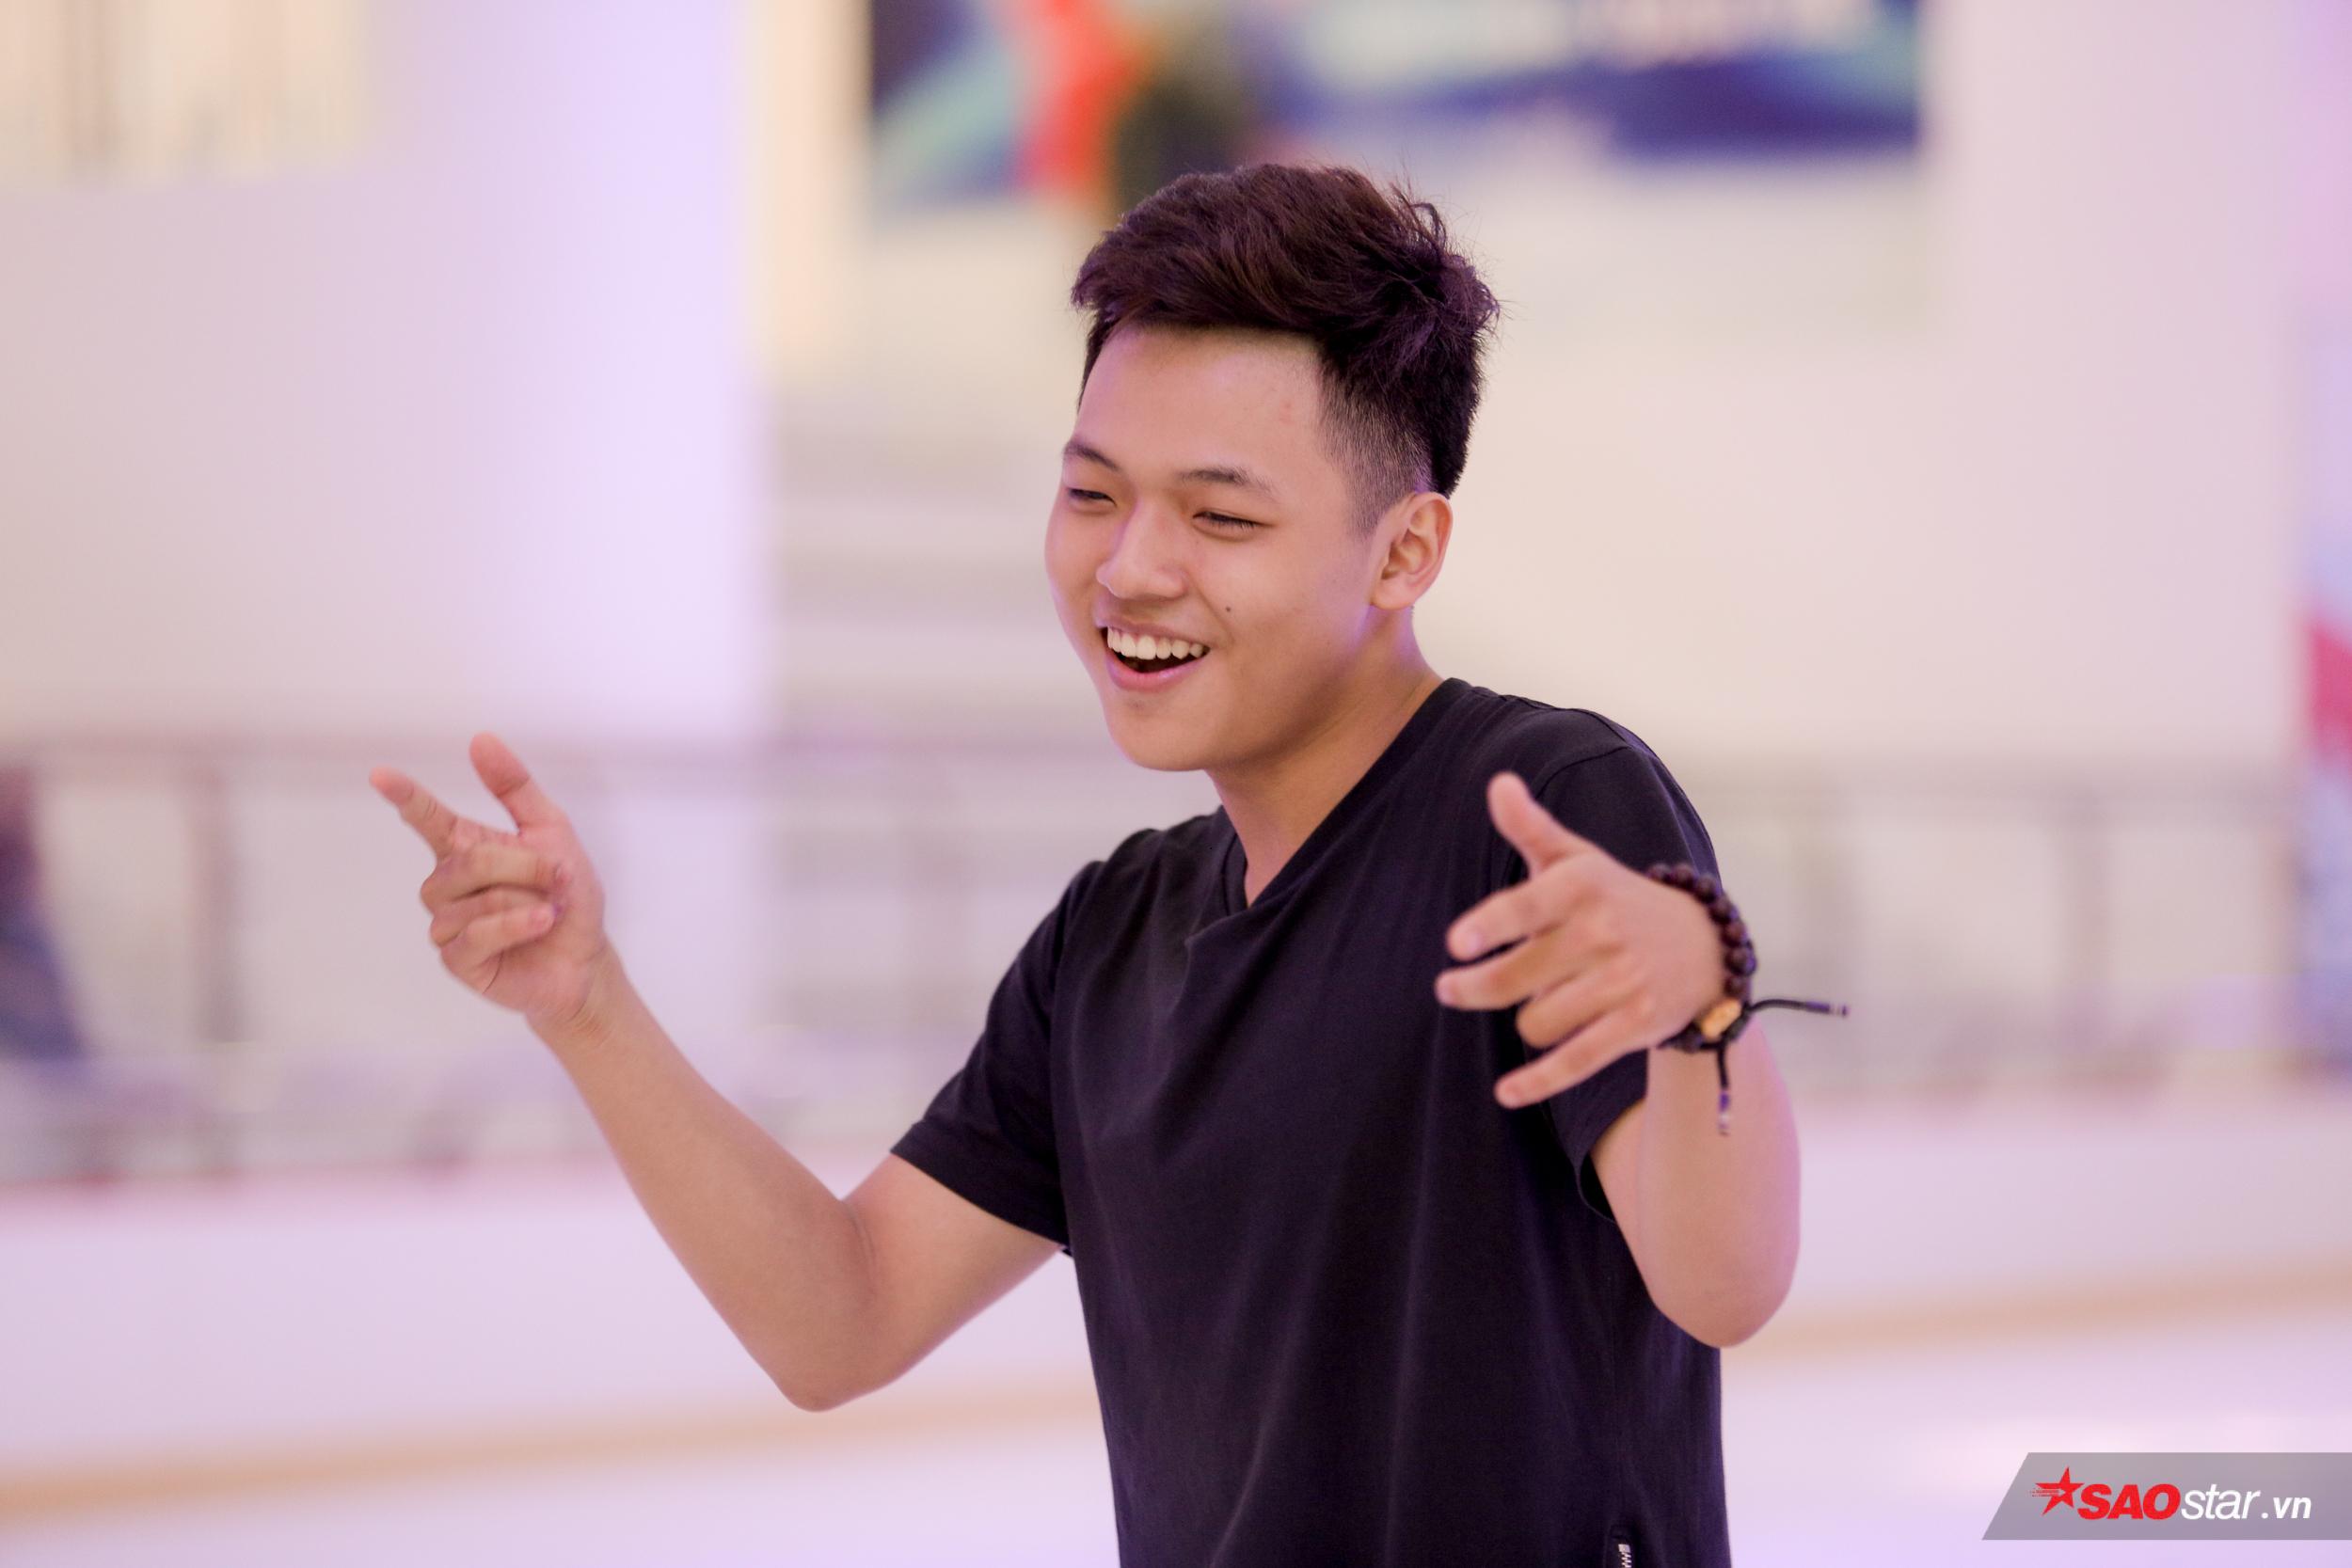 Nhã Thy thần thái như người mẫu, Công Quốc - Chí Công ngã chổng mặt tại Giọng hát Việt nhí